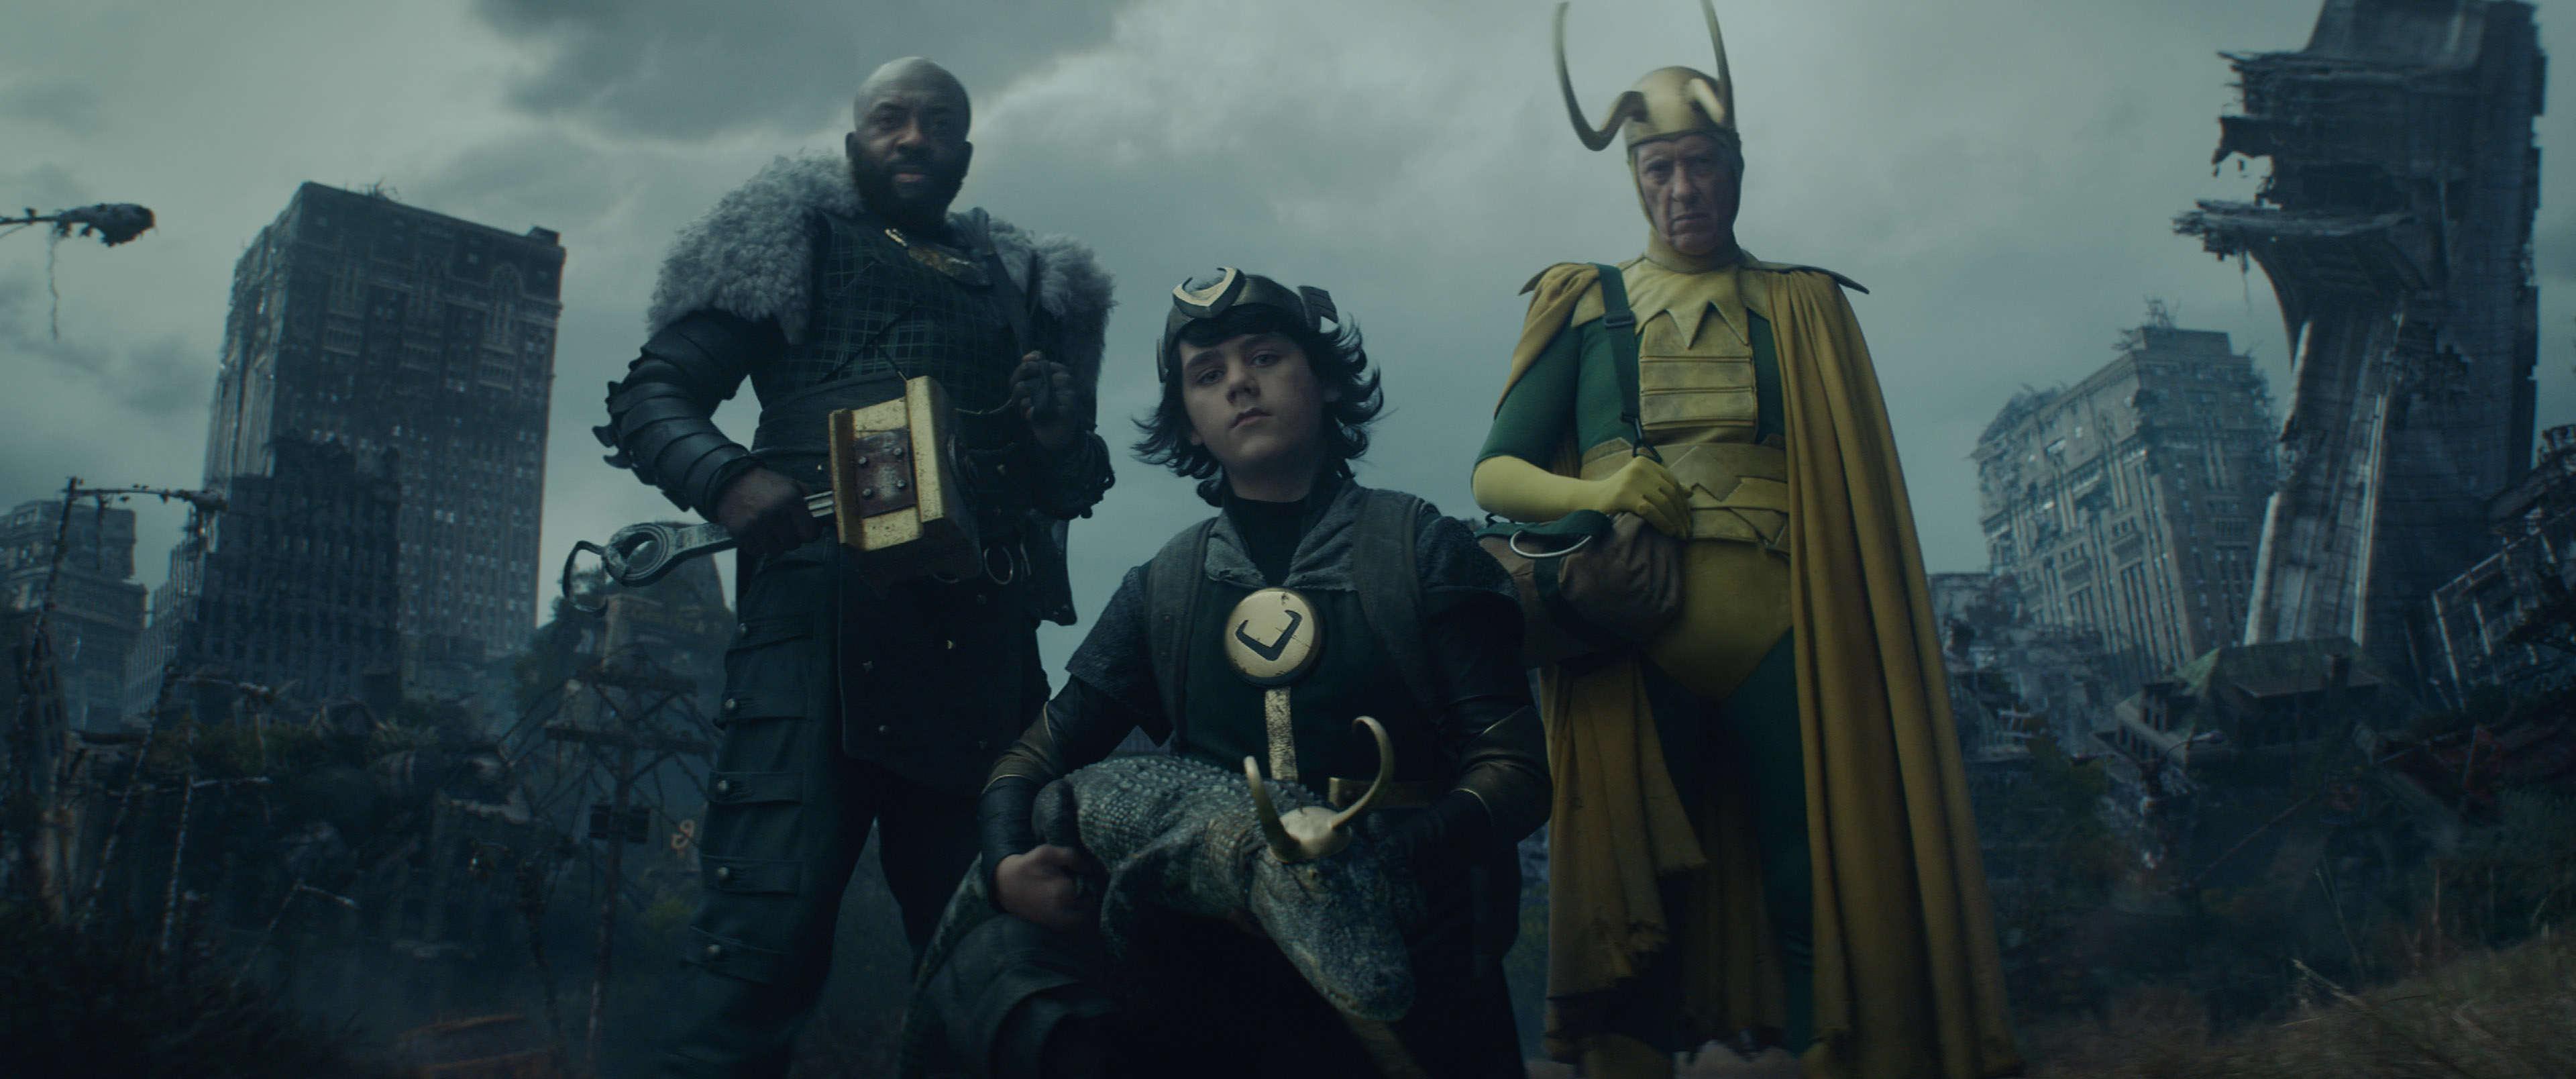 Loki writer teases Thunder Frog deleted scene, alternate ending for Episode 5